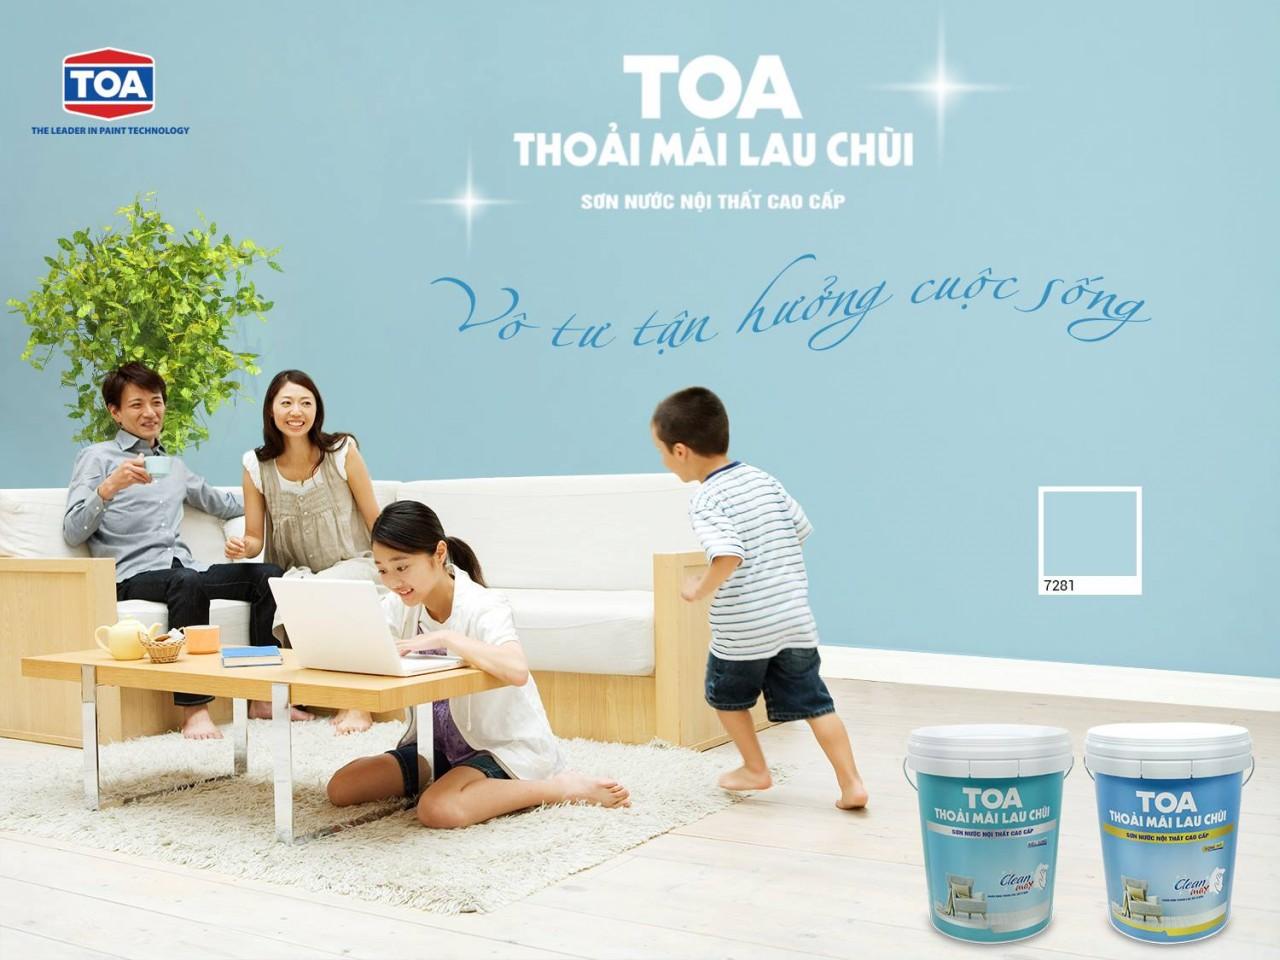 Tập đoàn sơn TOA Việt Nam